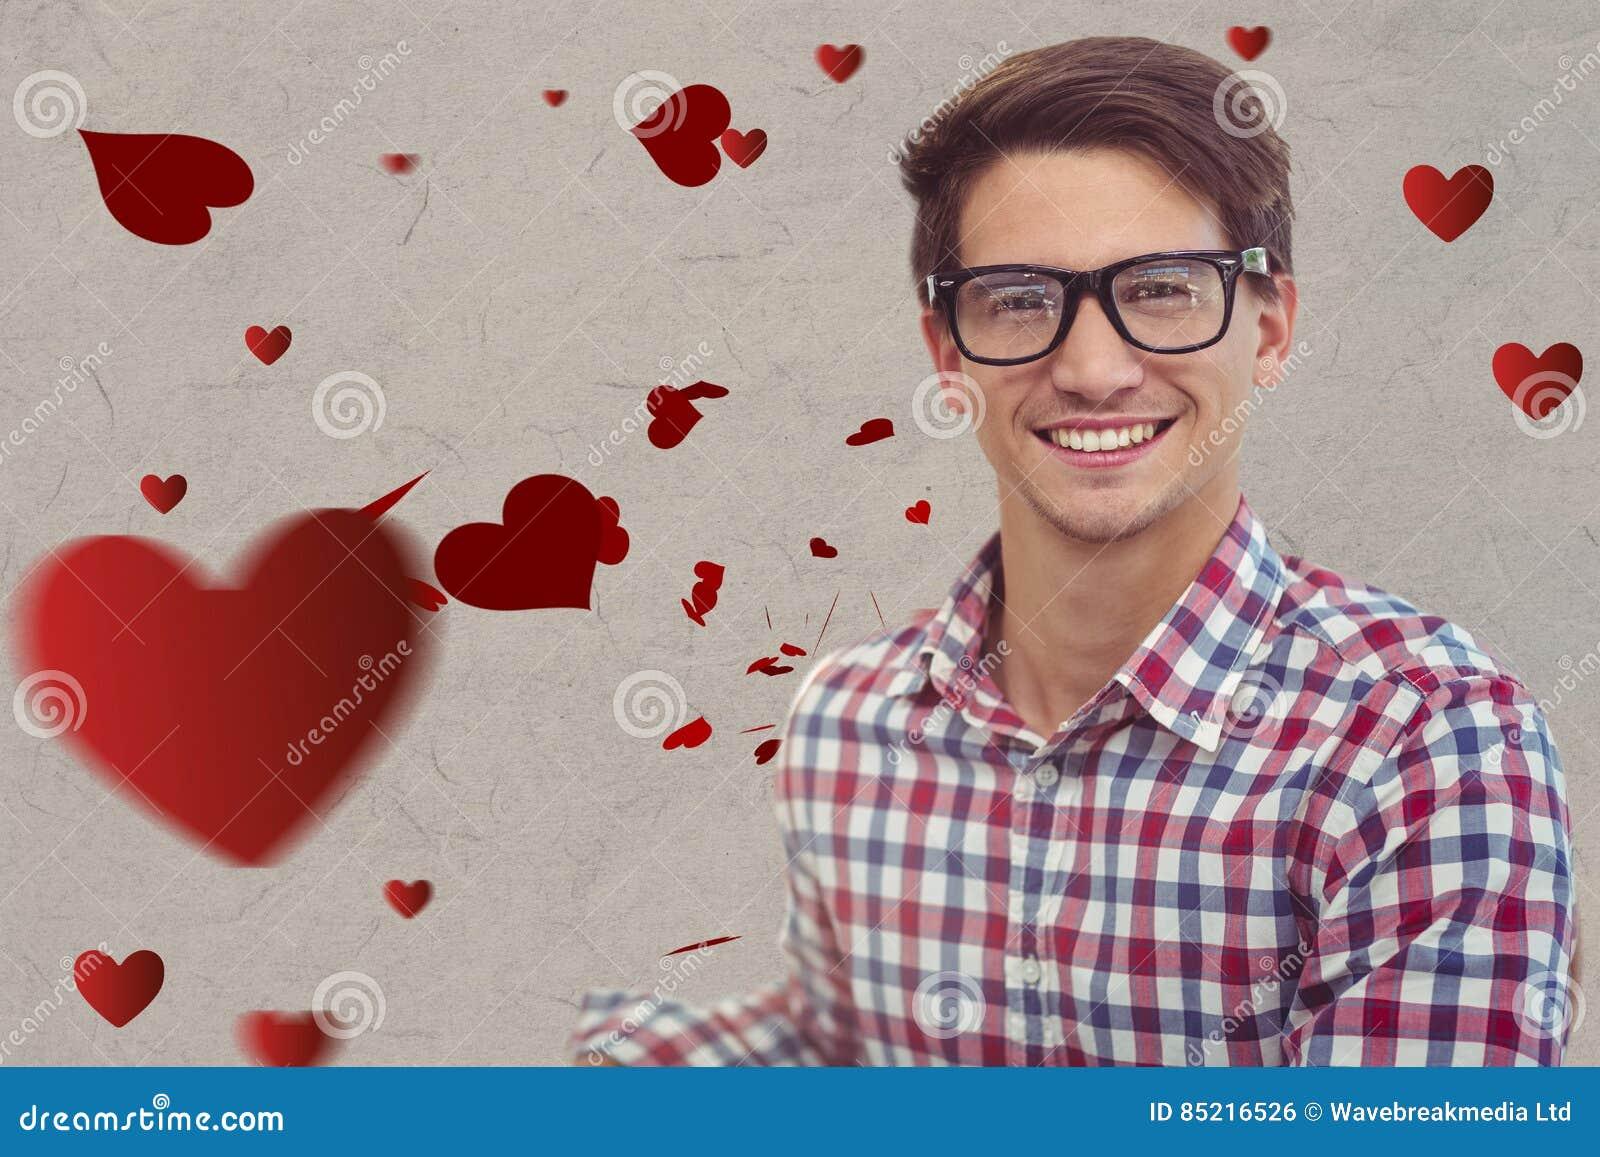 Ritratto dell uomo del nerd in occhiali contro i cuori rossi digitalmente generati